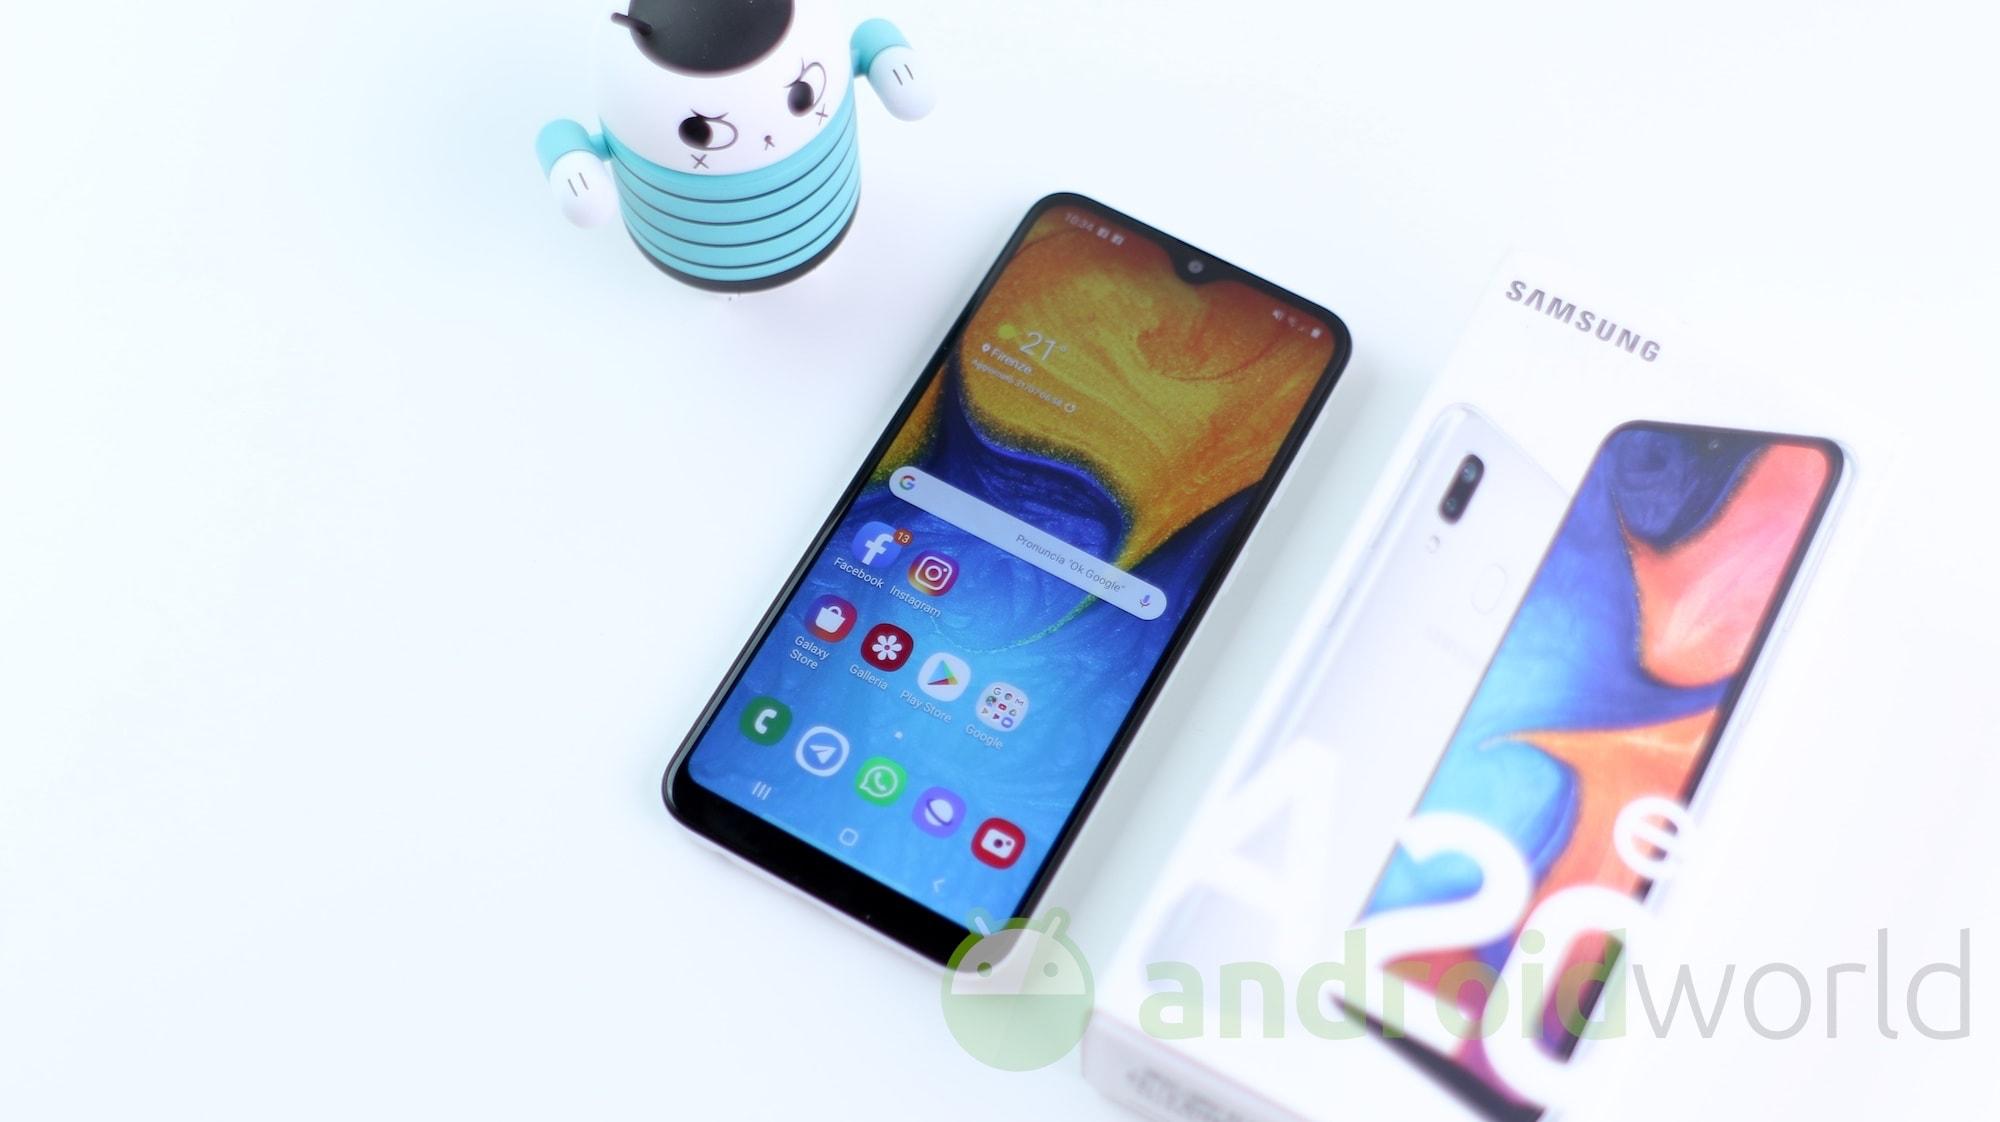 Samsung Galaxy A20e si unisce alla festa: l'aggiornamento ad Android 10 arriva in Italia (aggiornato)